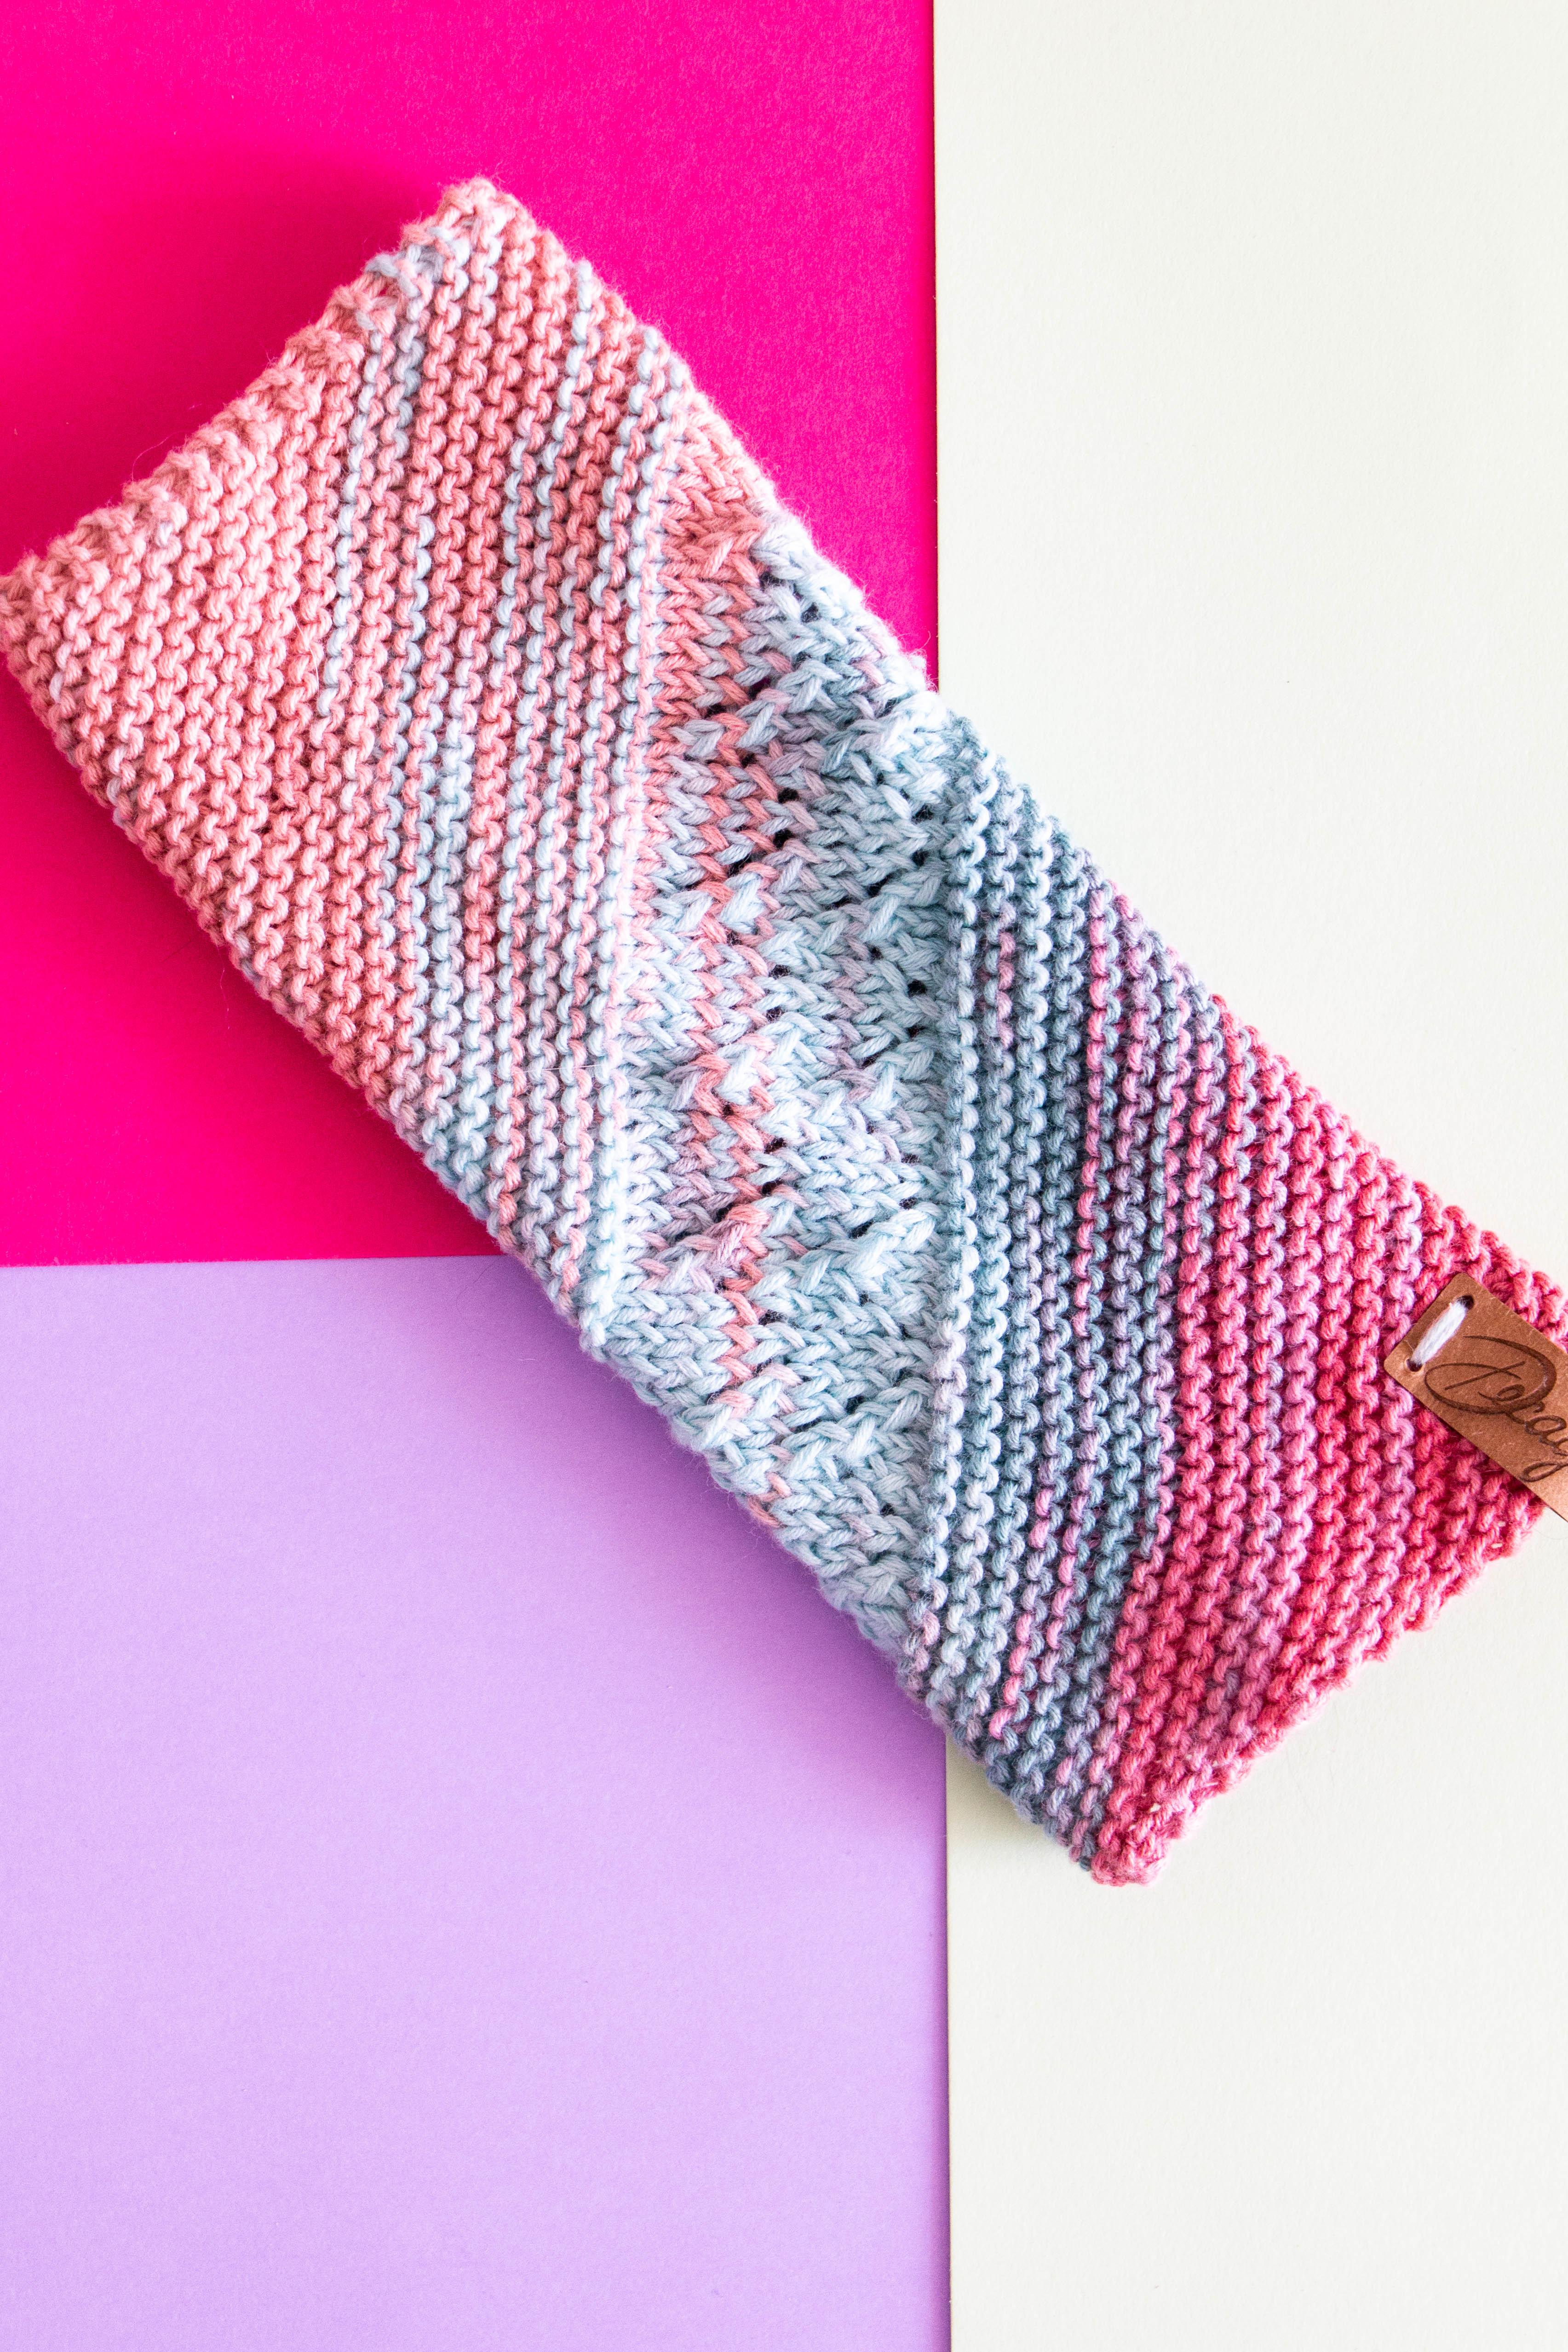 Brazalete tejido crochet Decage